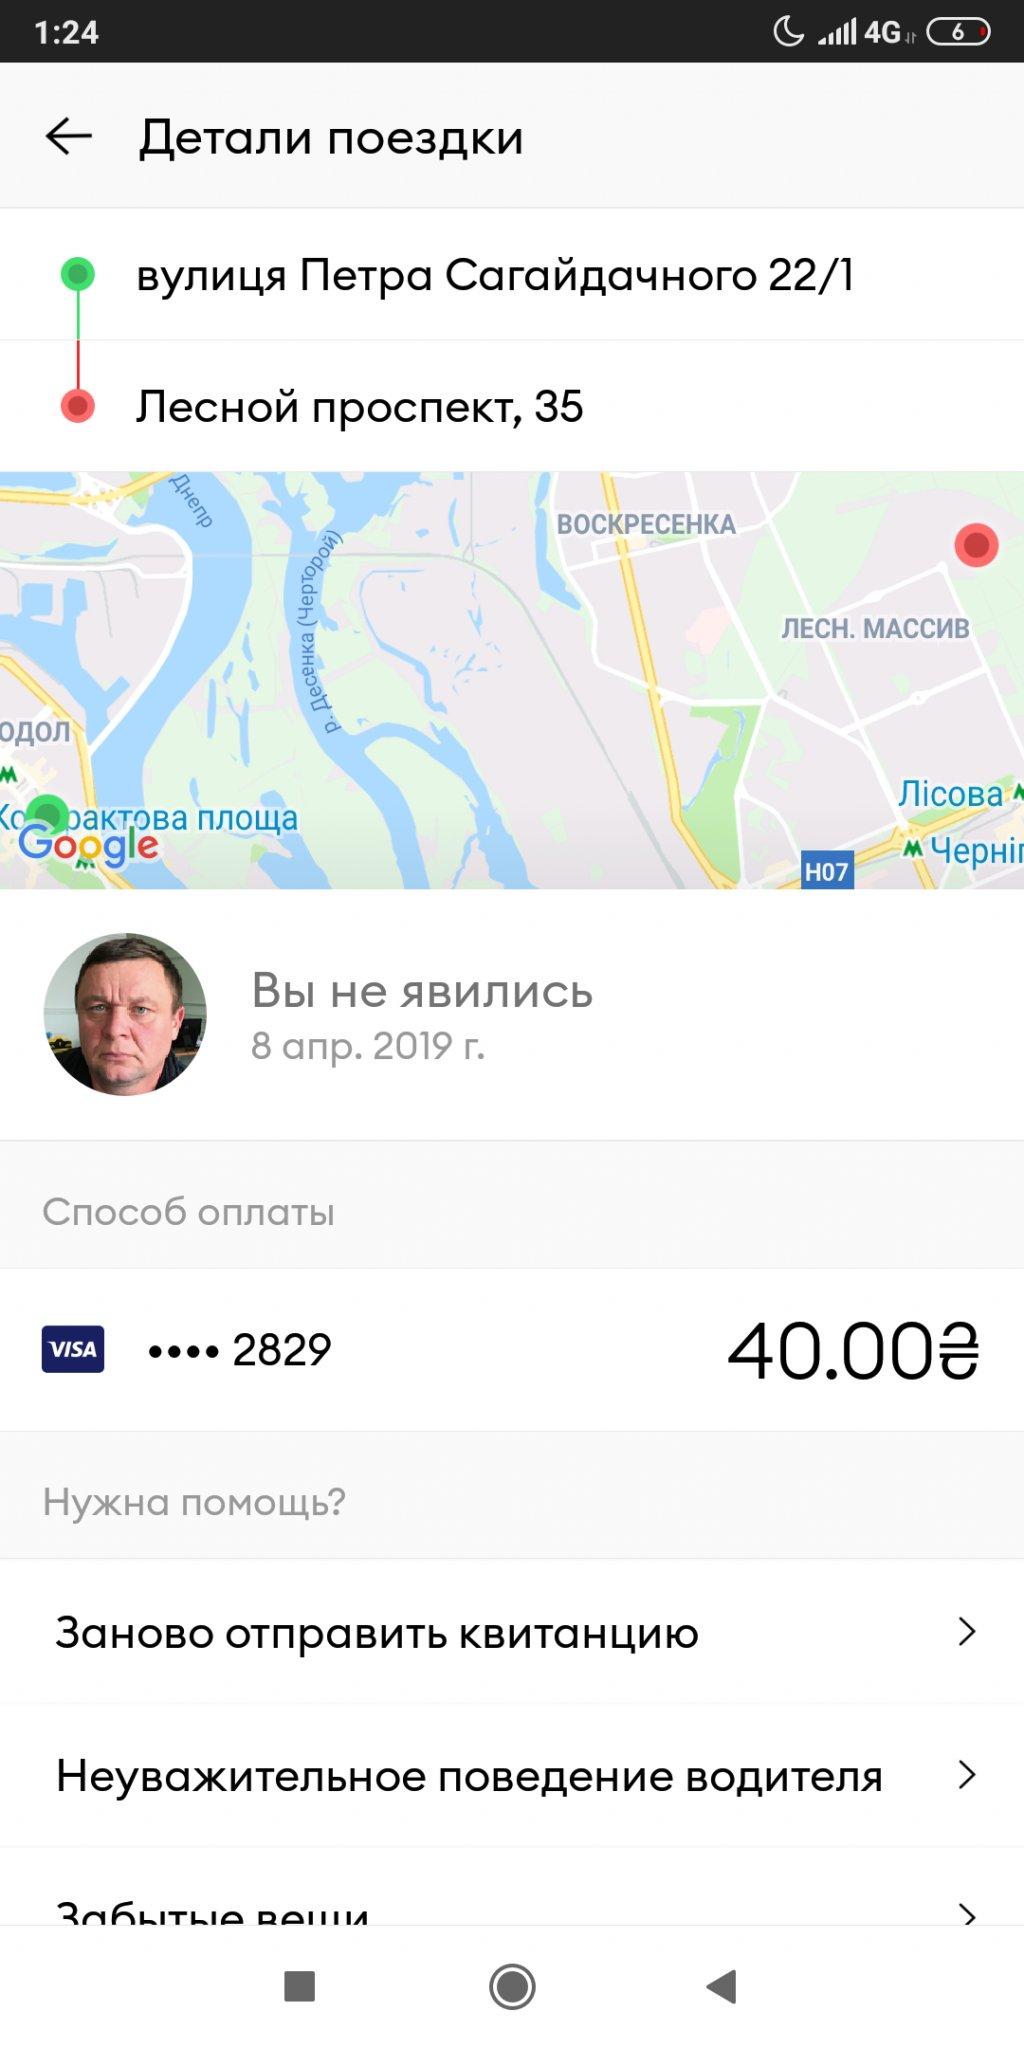 Taxify поездка одним нажатием кнопки - Хуже не придумаешь!